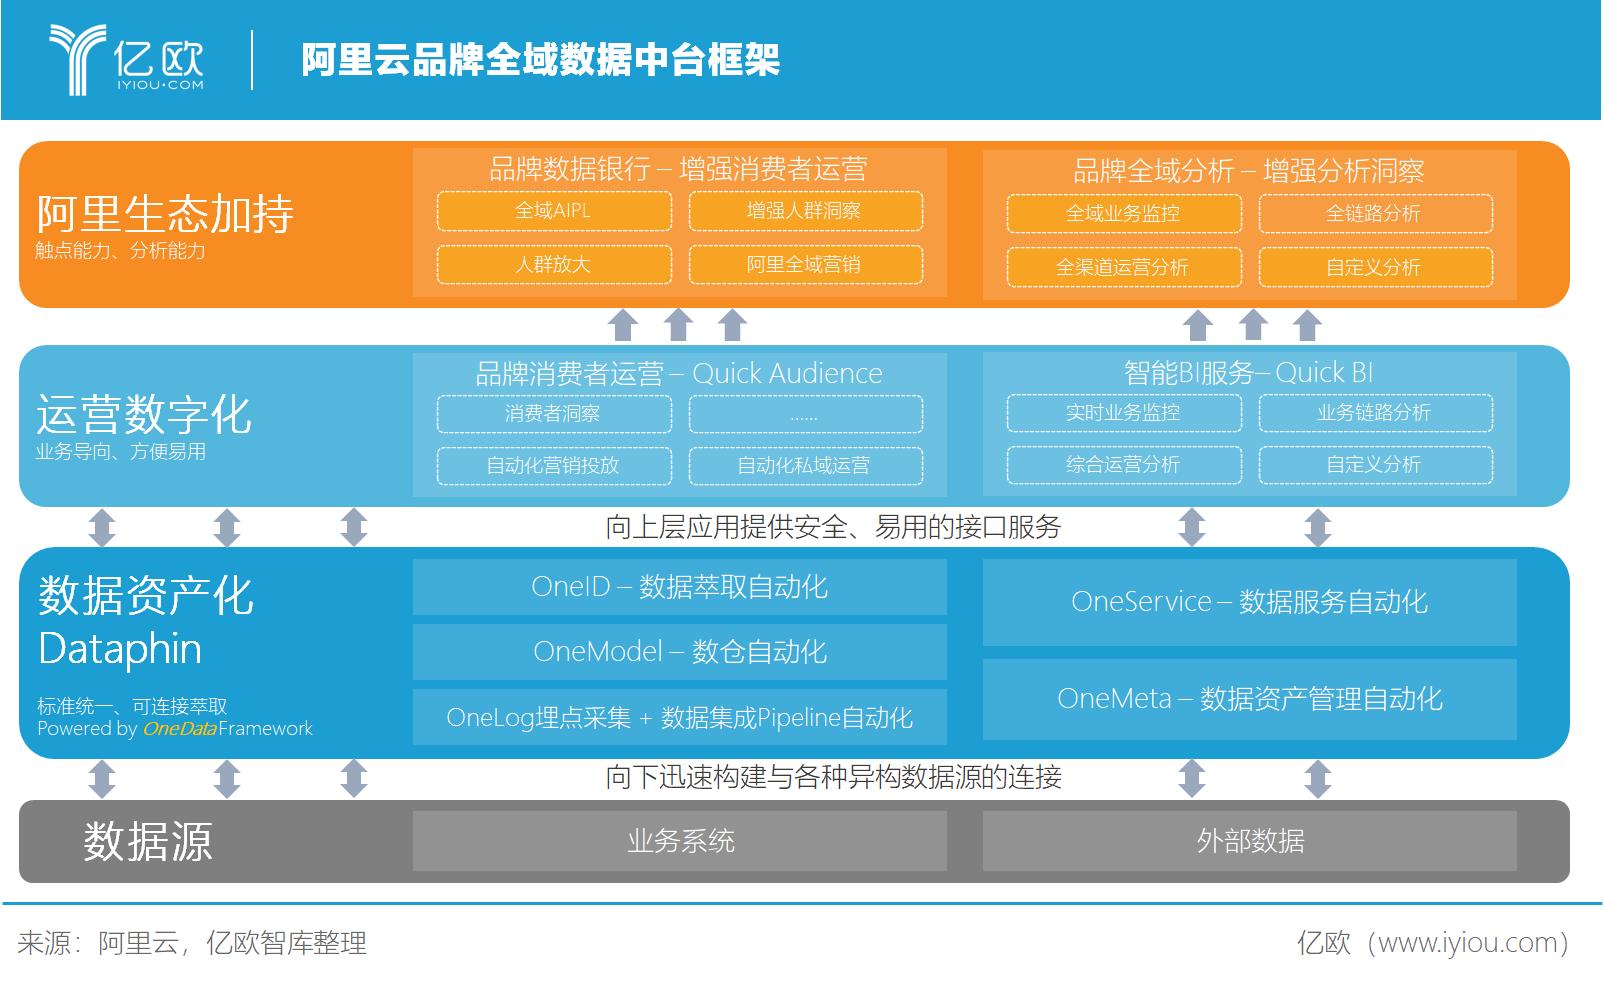 亿欧智库:阿里云品牌全域数据中台框架